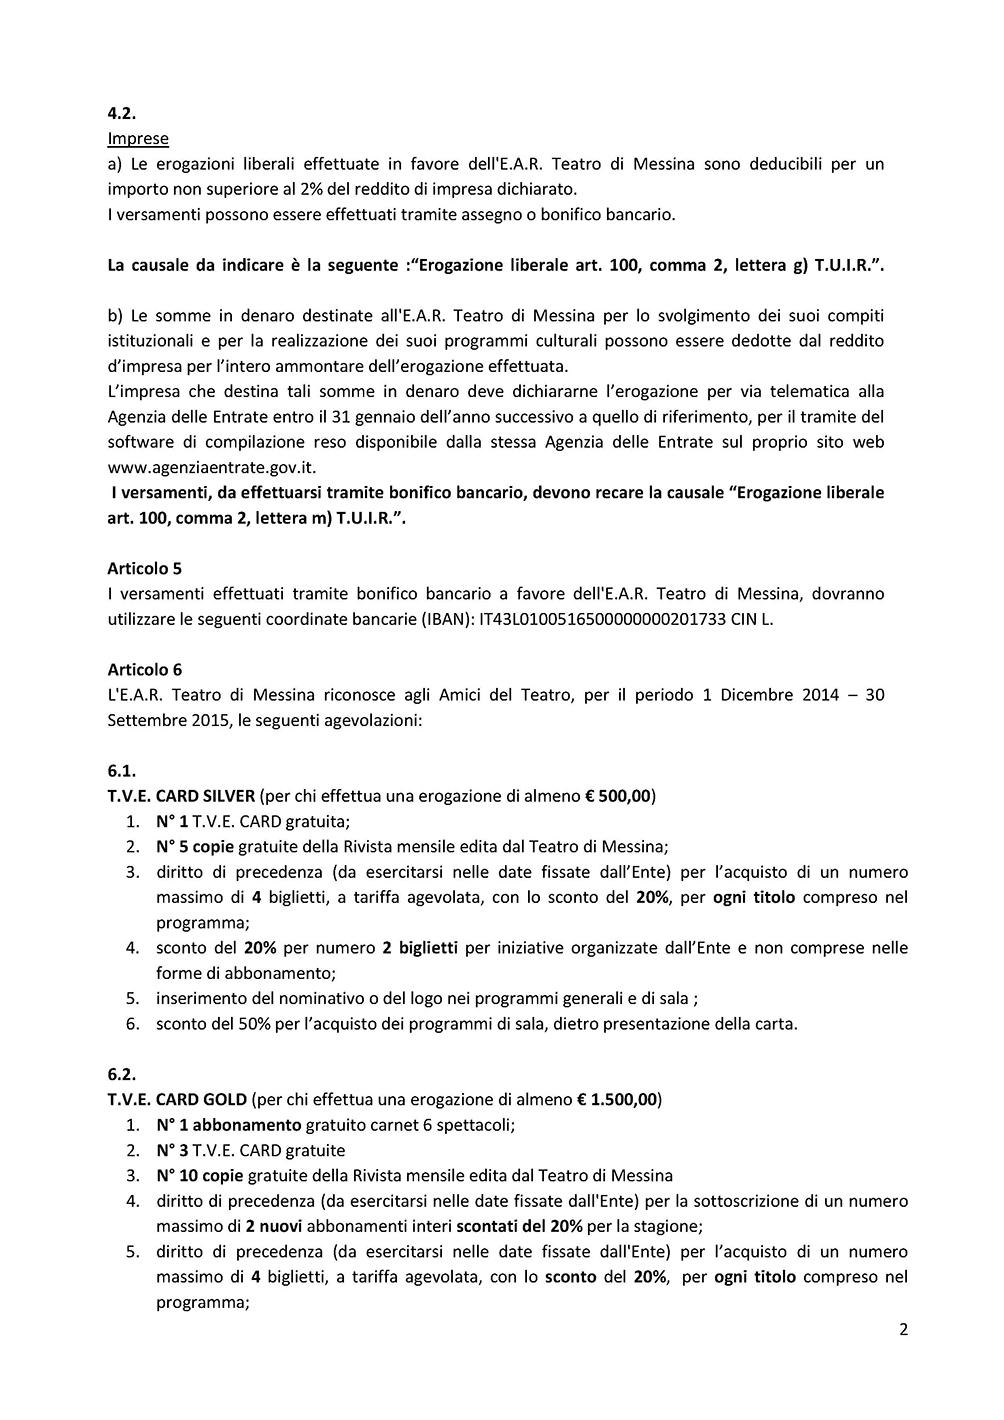 Regolamento Amici del Teatro Messina_Pagina_2